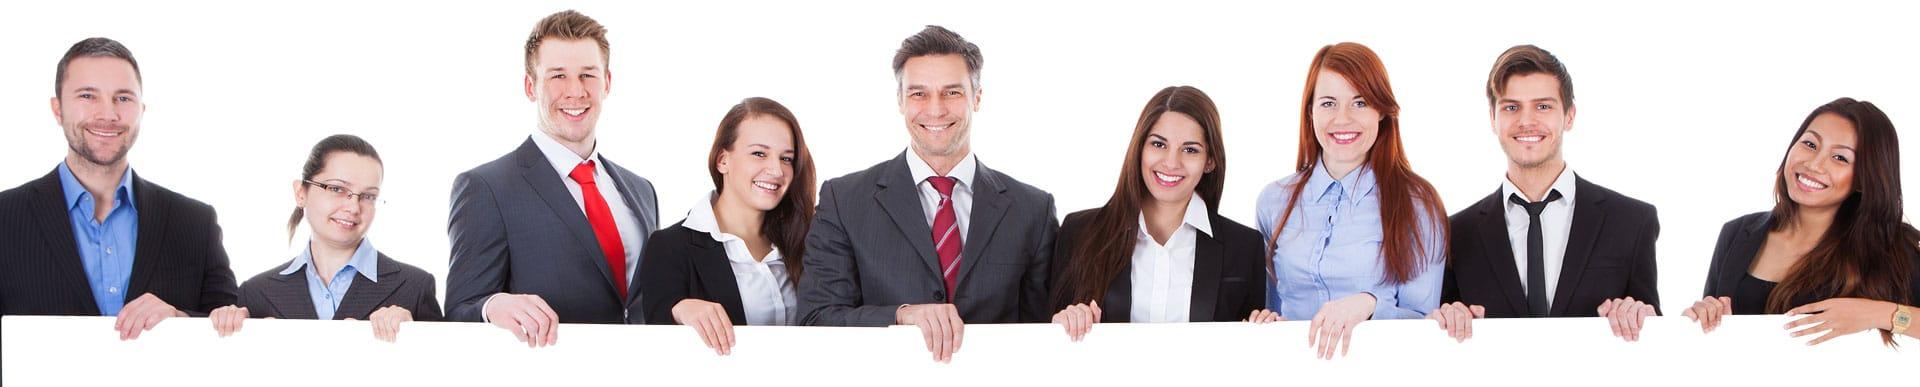 Public Speaking Australia Client Testimonials